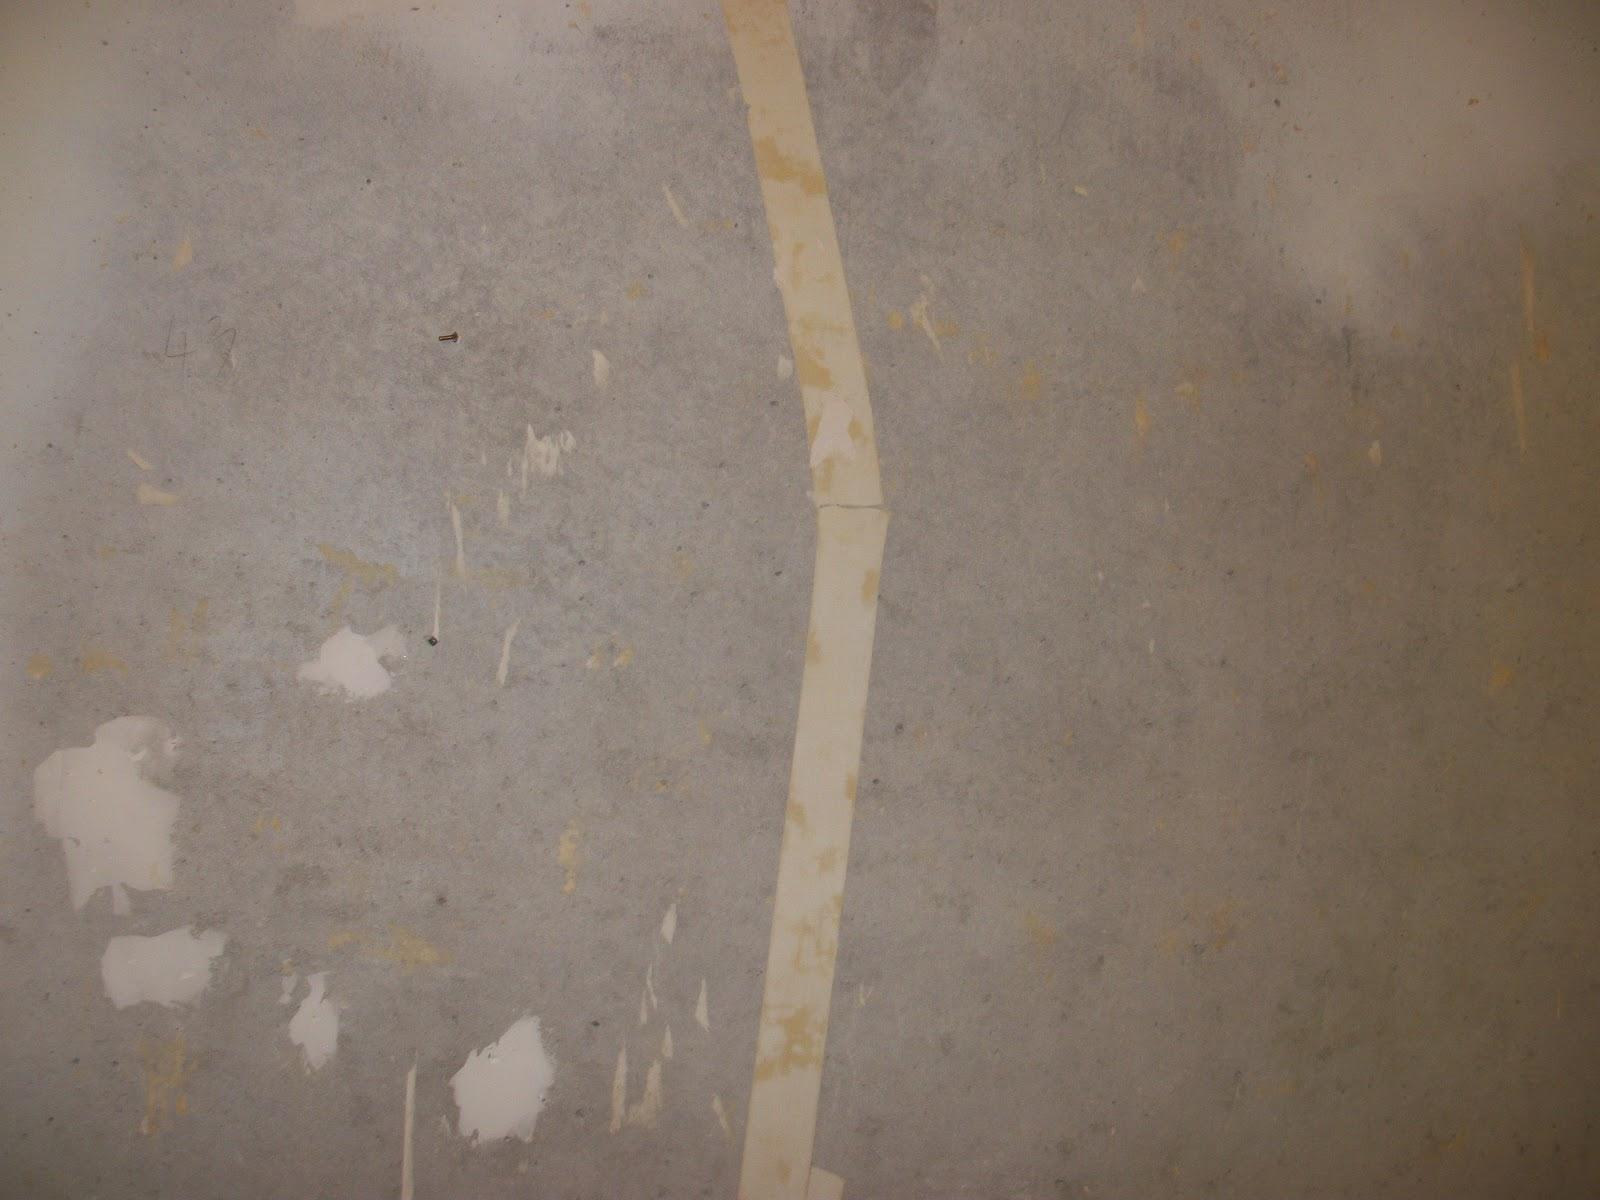 papier peint pas cher Yabiladi  - Papier Peint Pas Cher Maroc